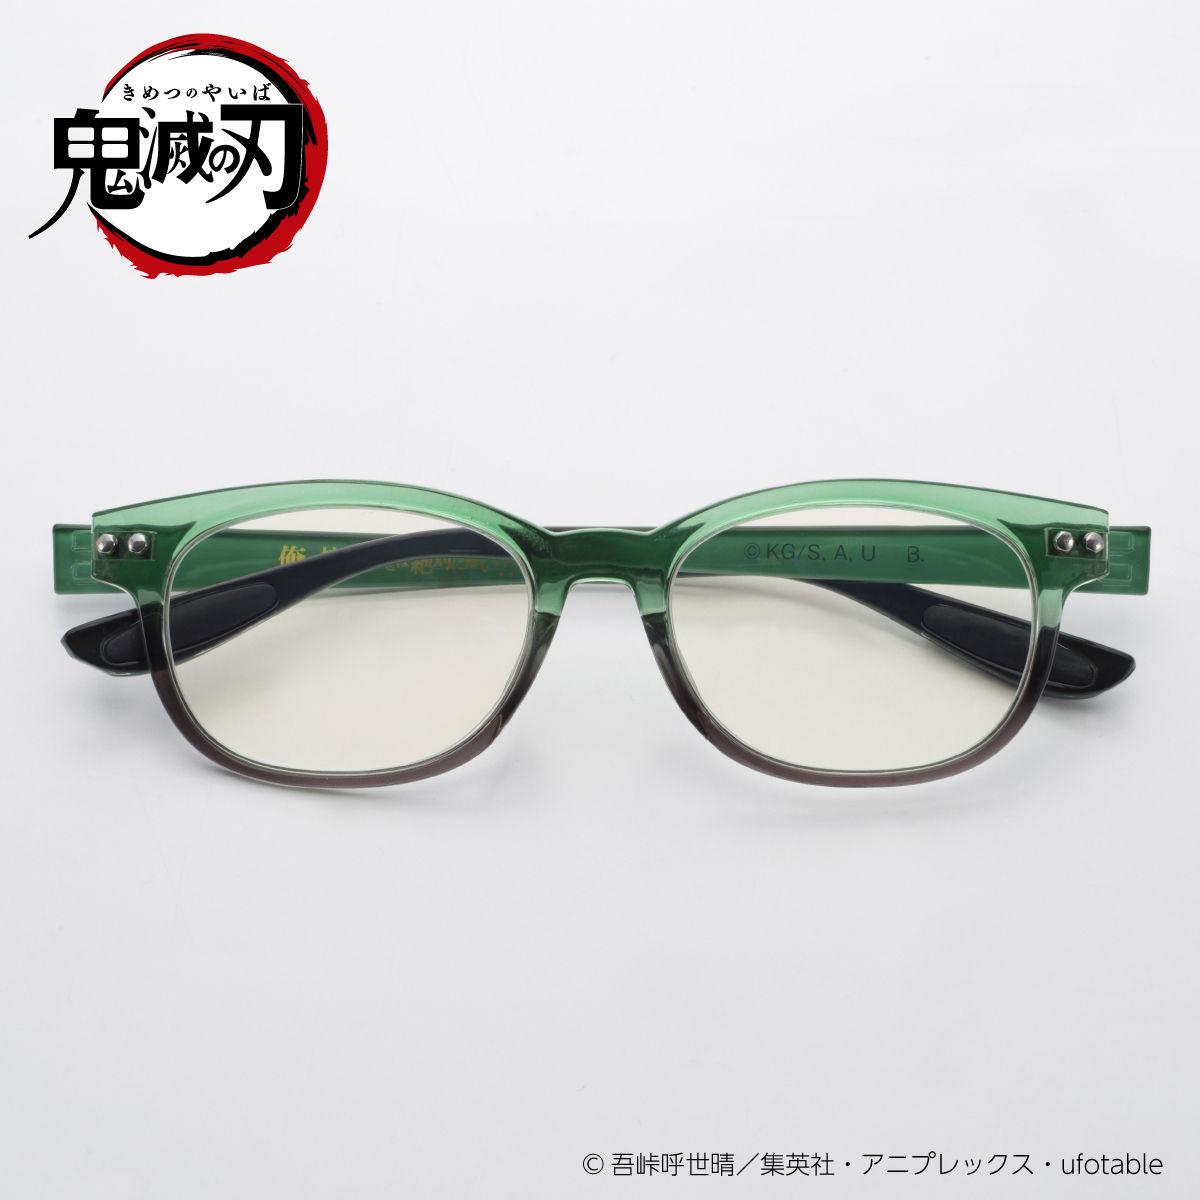 「鬼滅の刃」PCメガネ&ファッショングラスが登場!衣装の柄・モチーフ・名台詞が施されたデザイン